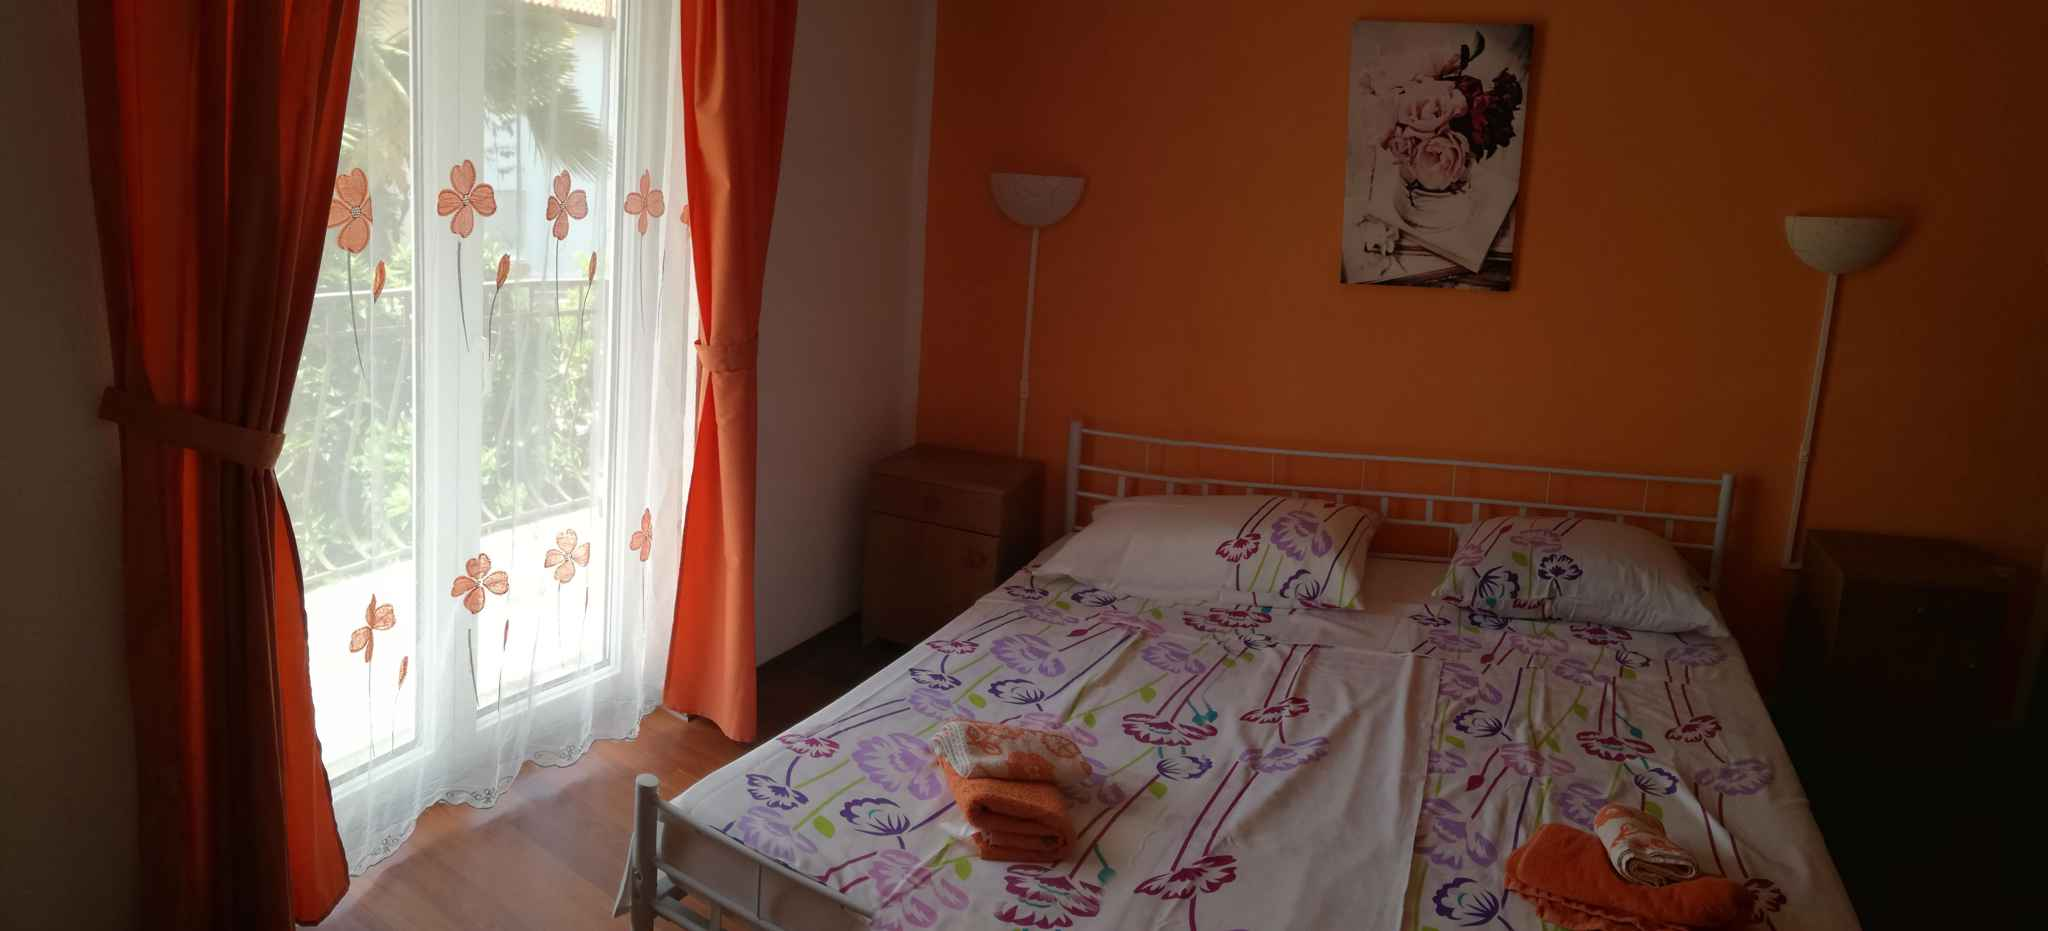 Ferienwohnung mit Terrasse und Klimaanlage (280995), Rovinj, , Istrien, Kroatien, Bild 21